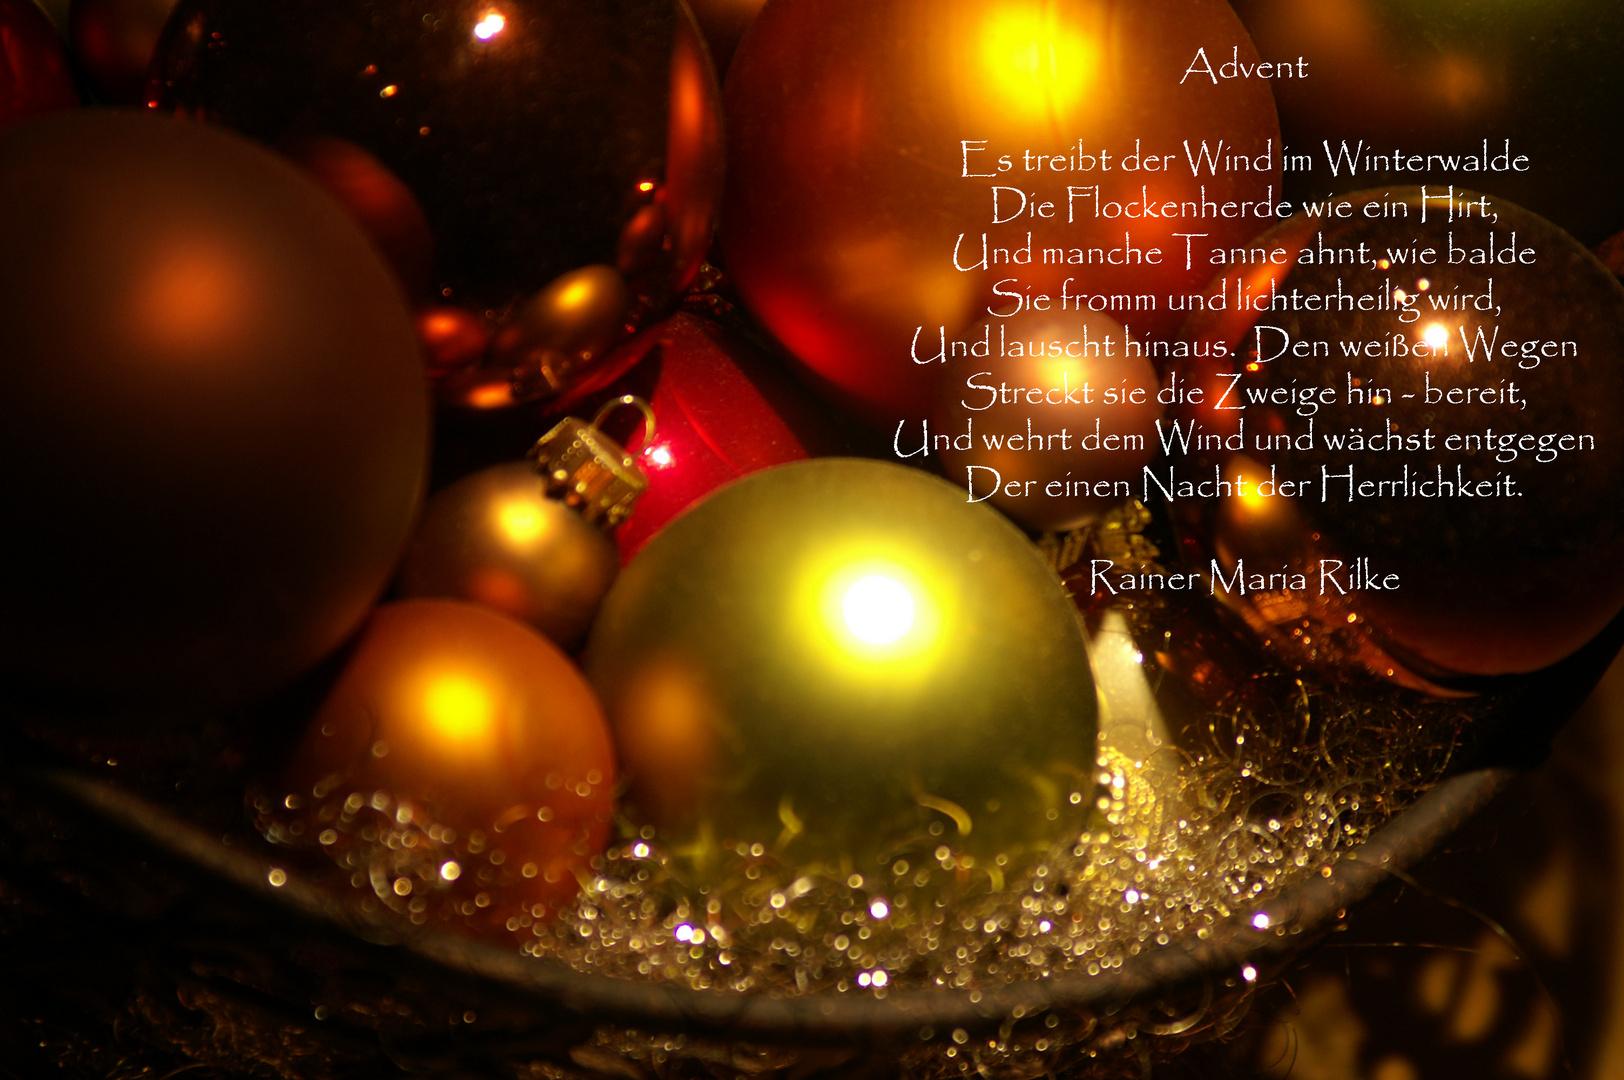 frohe weihnachten zusammen foto bild gratulation und. Black Bedroom Furniture Sets. Home Design Ideas